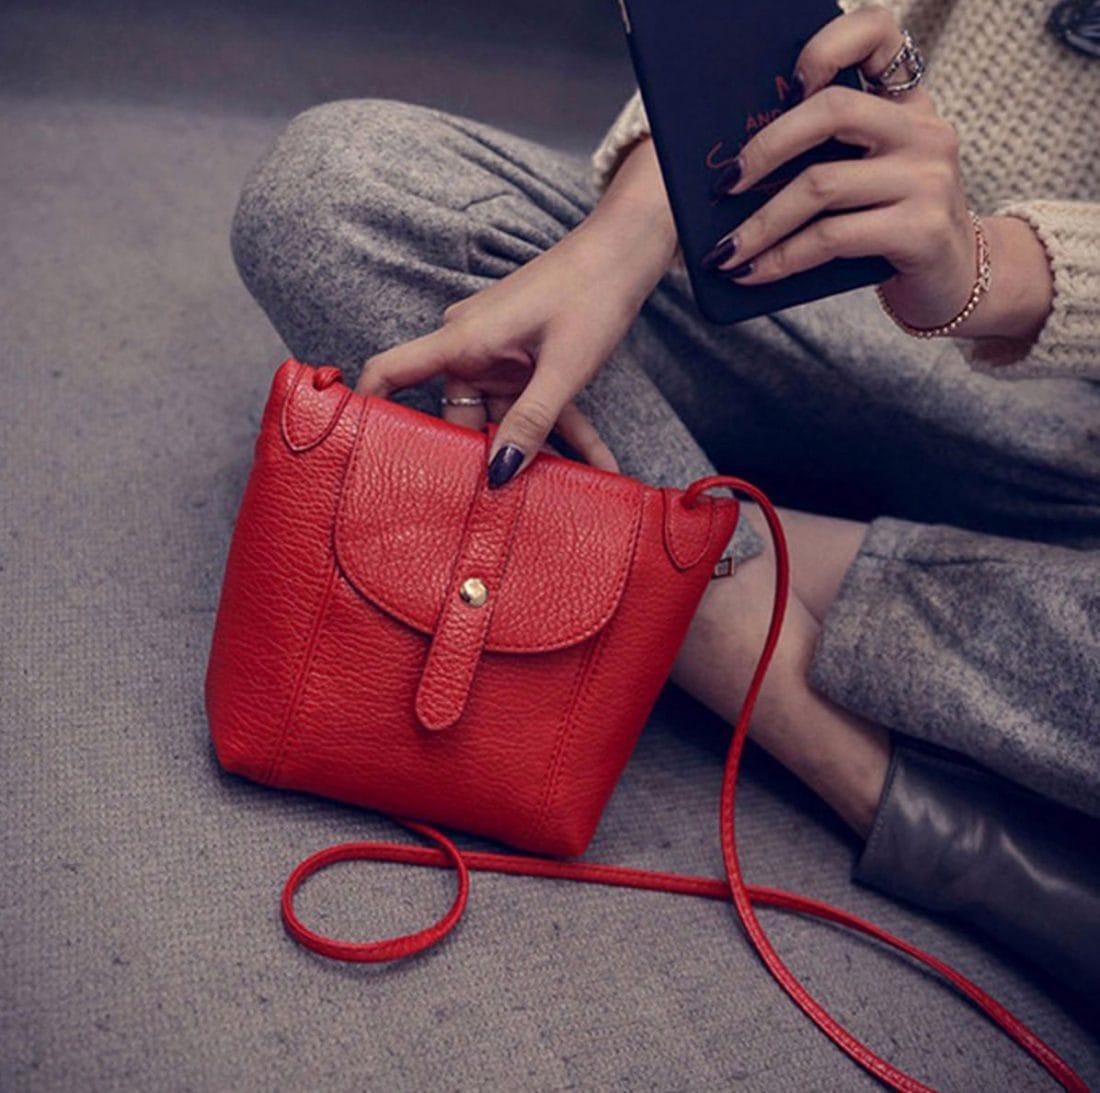 M0192 red2 Clutches Purses Wallets maureens.com boutique